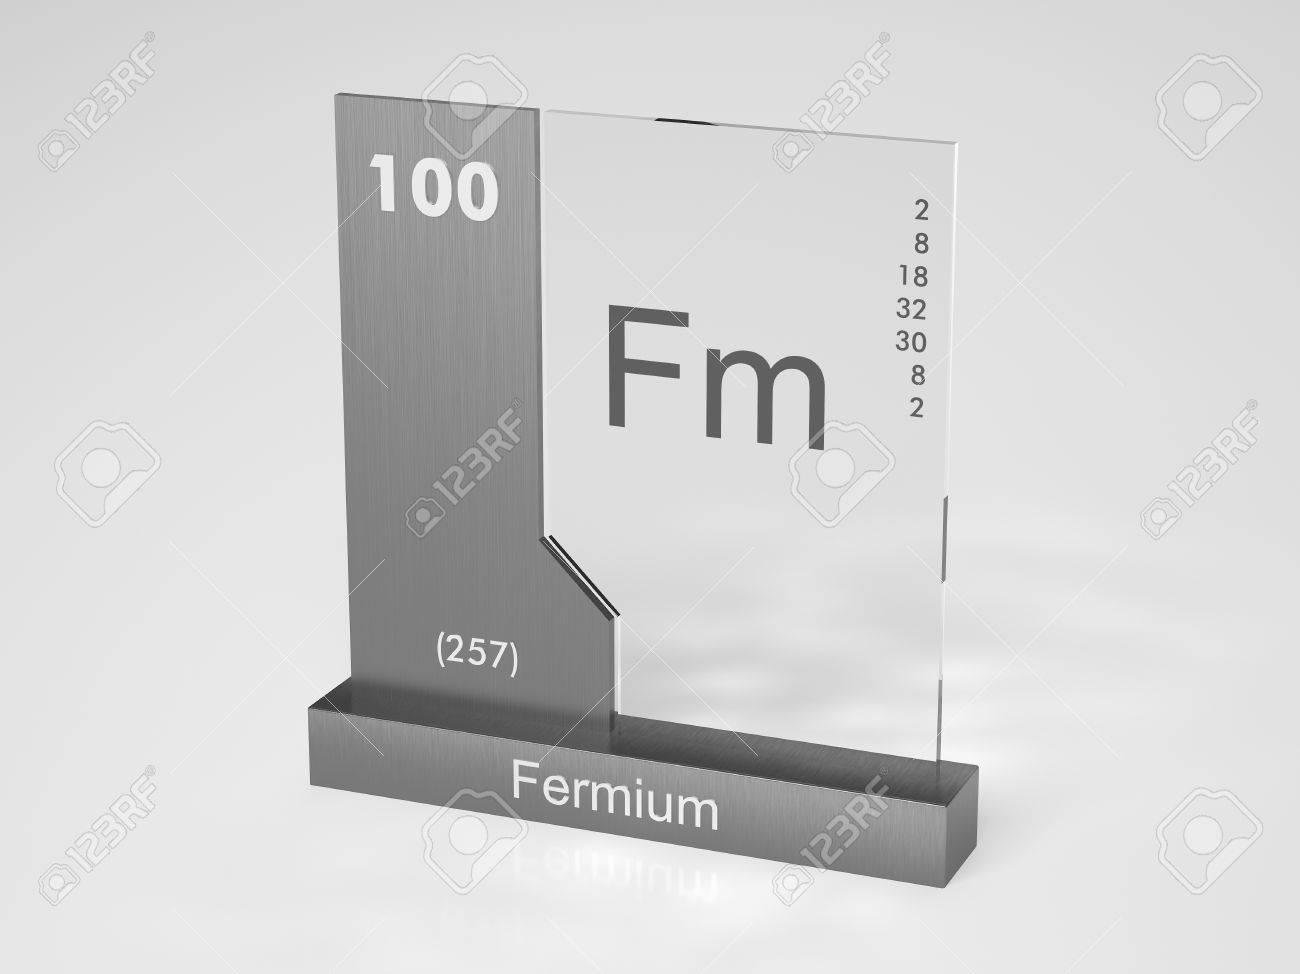 フェルミウム - Fm のシンボル -...